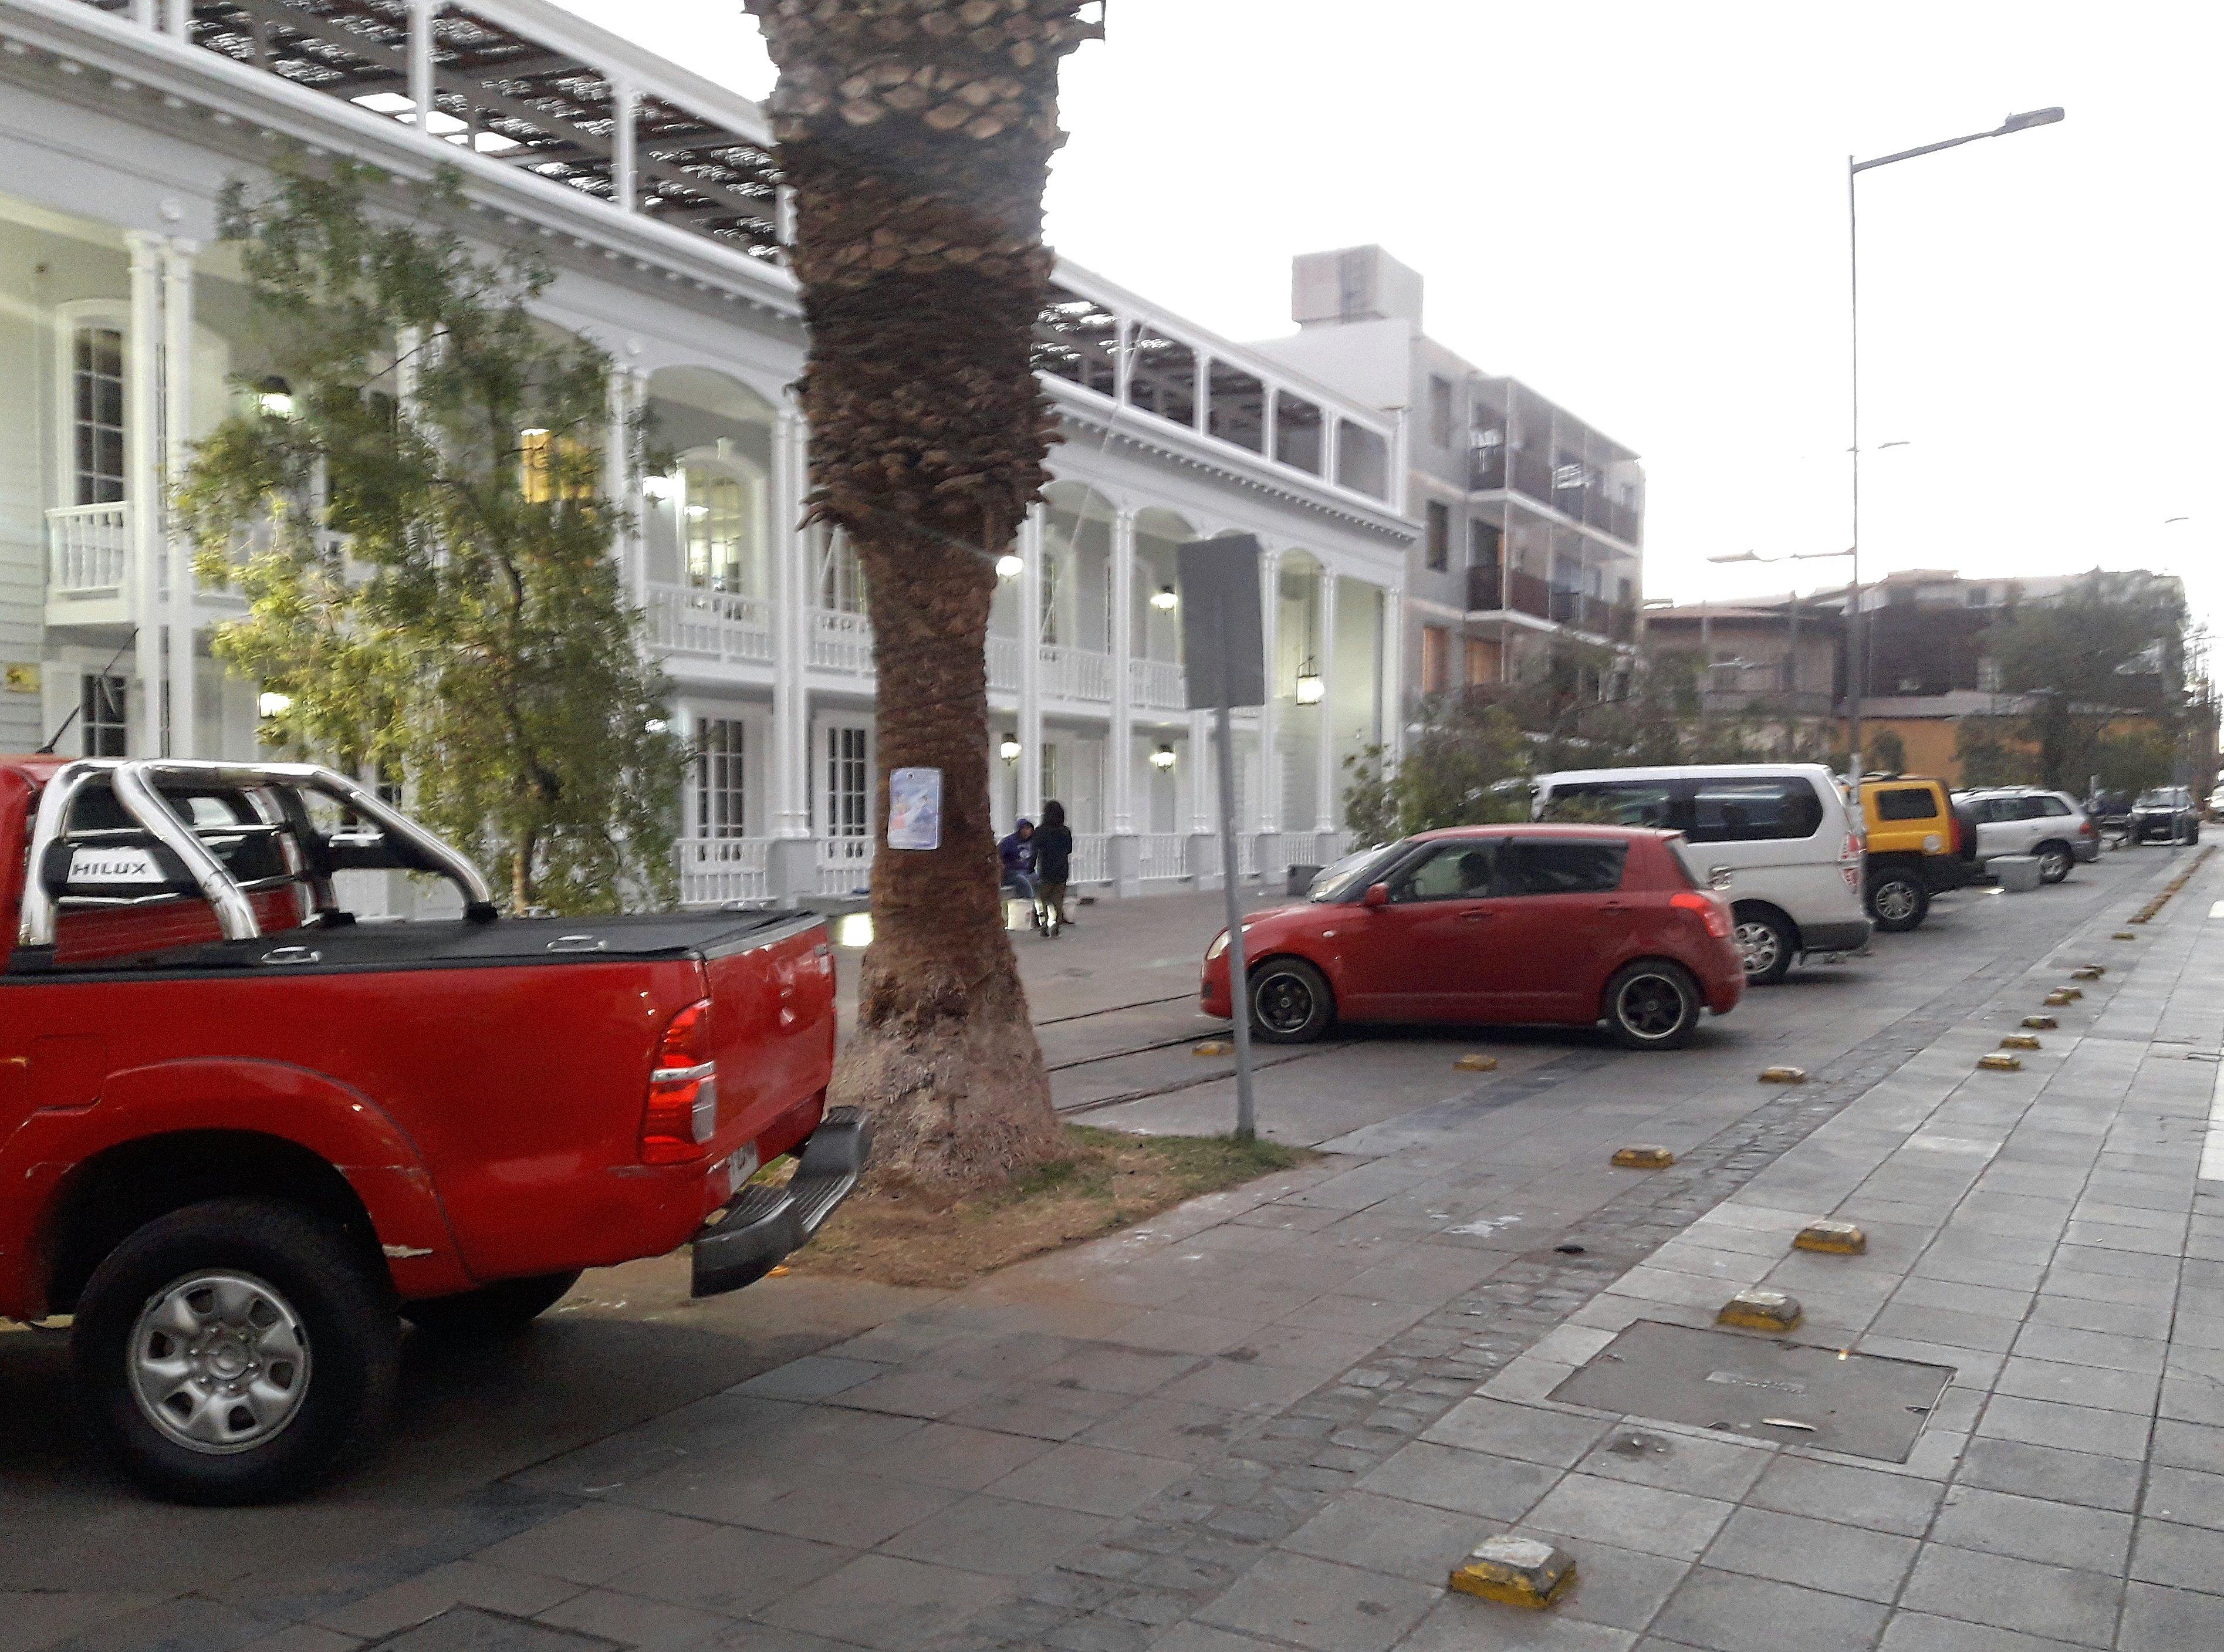 estacionamientos en diagonal frente a un edificio